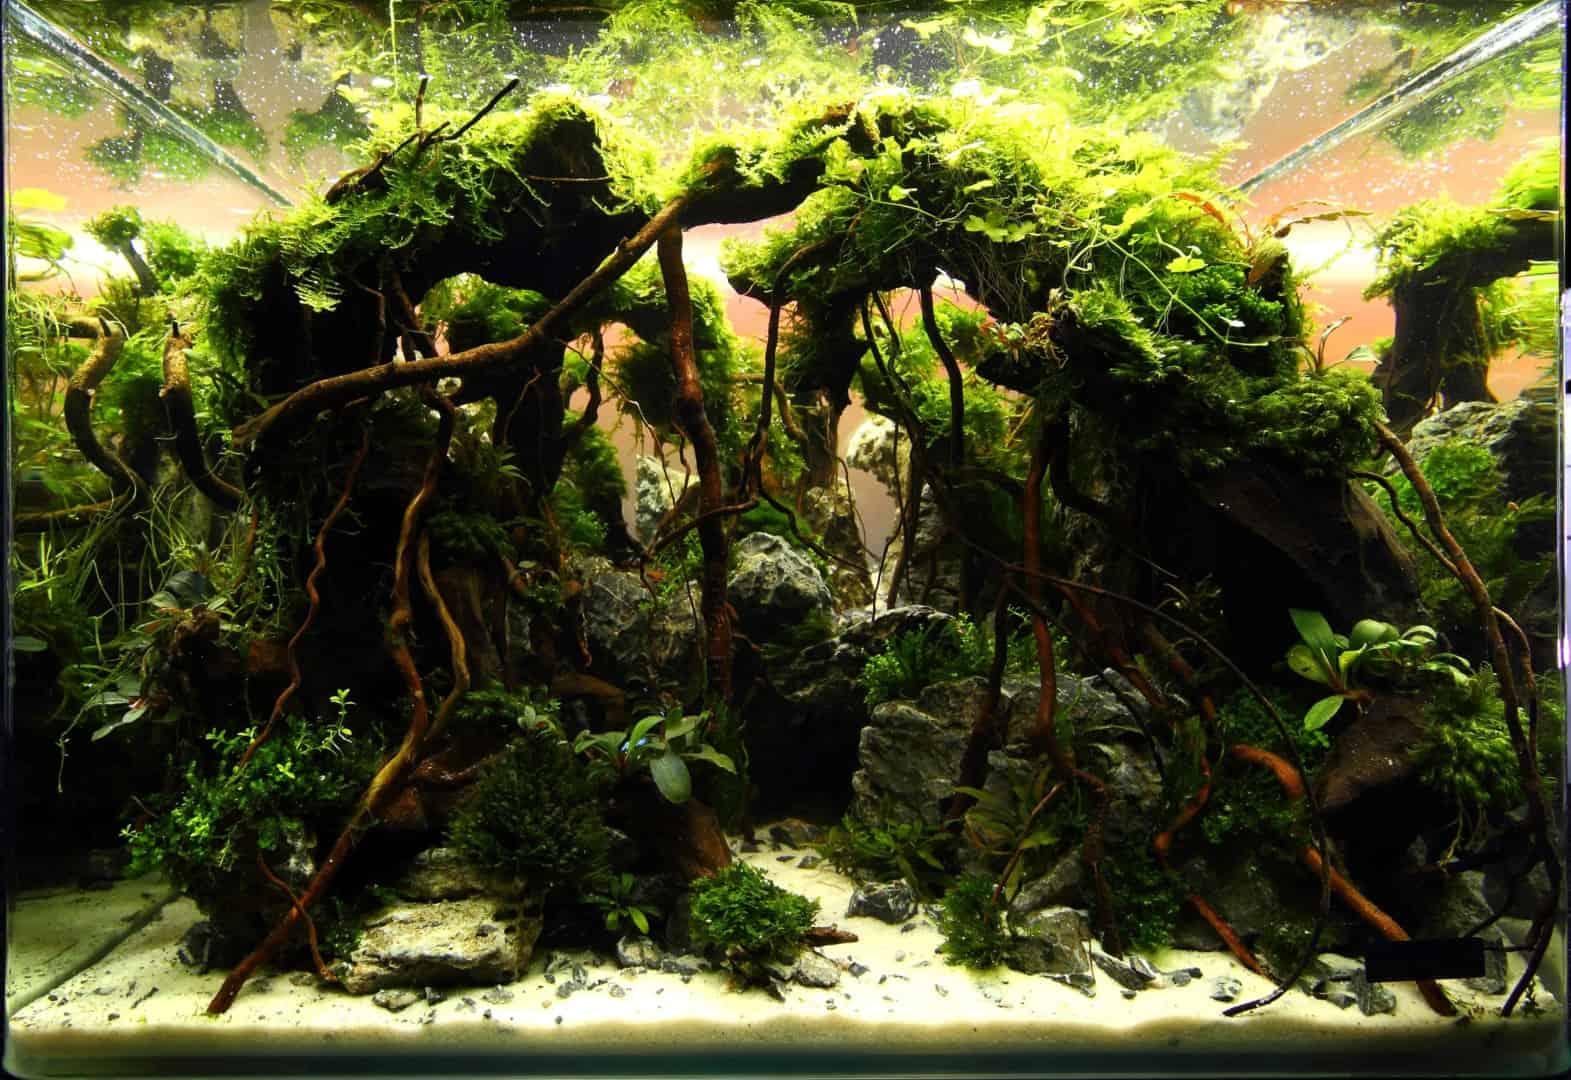 191 - The Art of the Planted Aquarium - Neuheiten und Möglichkeiten zum Mitmachen im April 2019 (Stefanie Hesse) 23